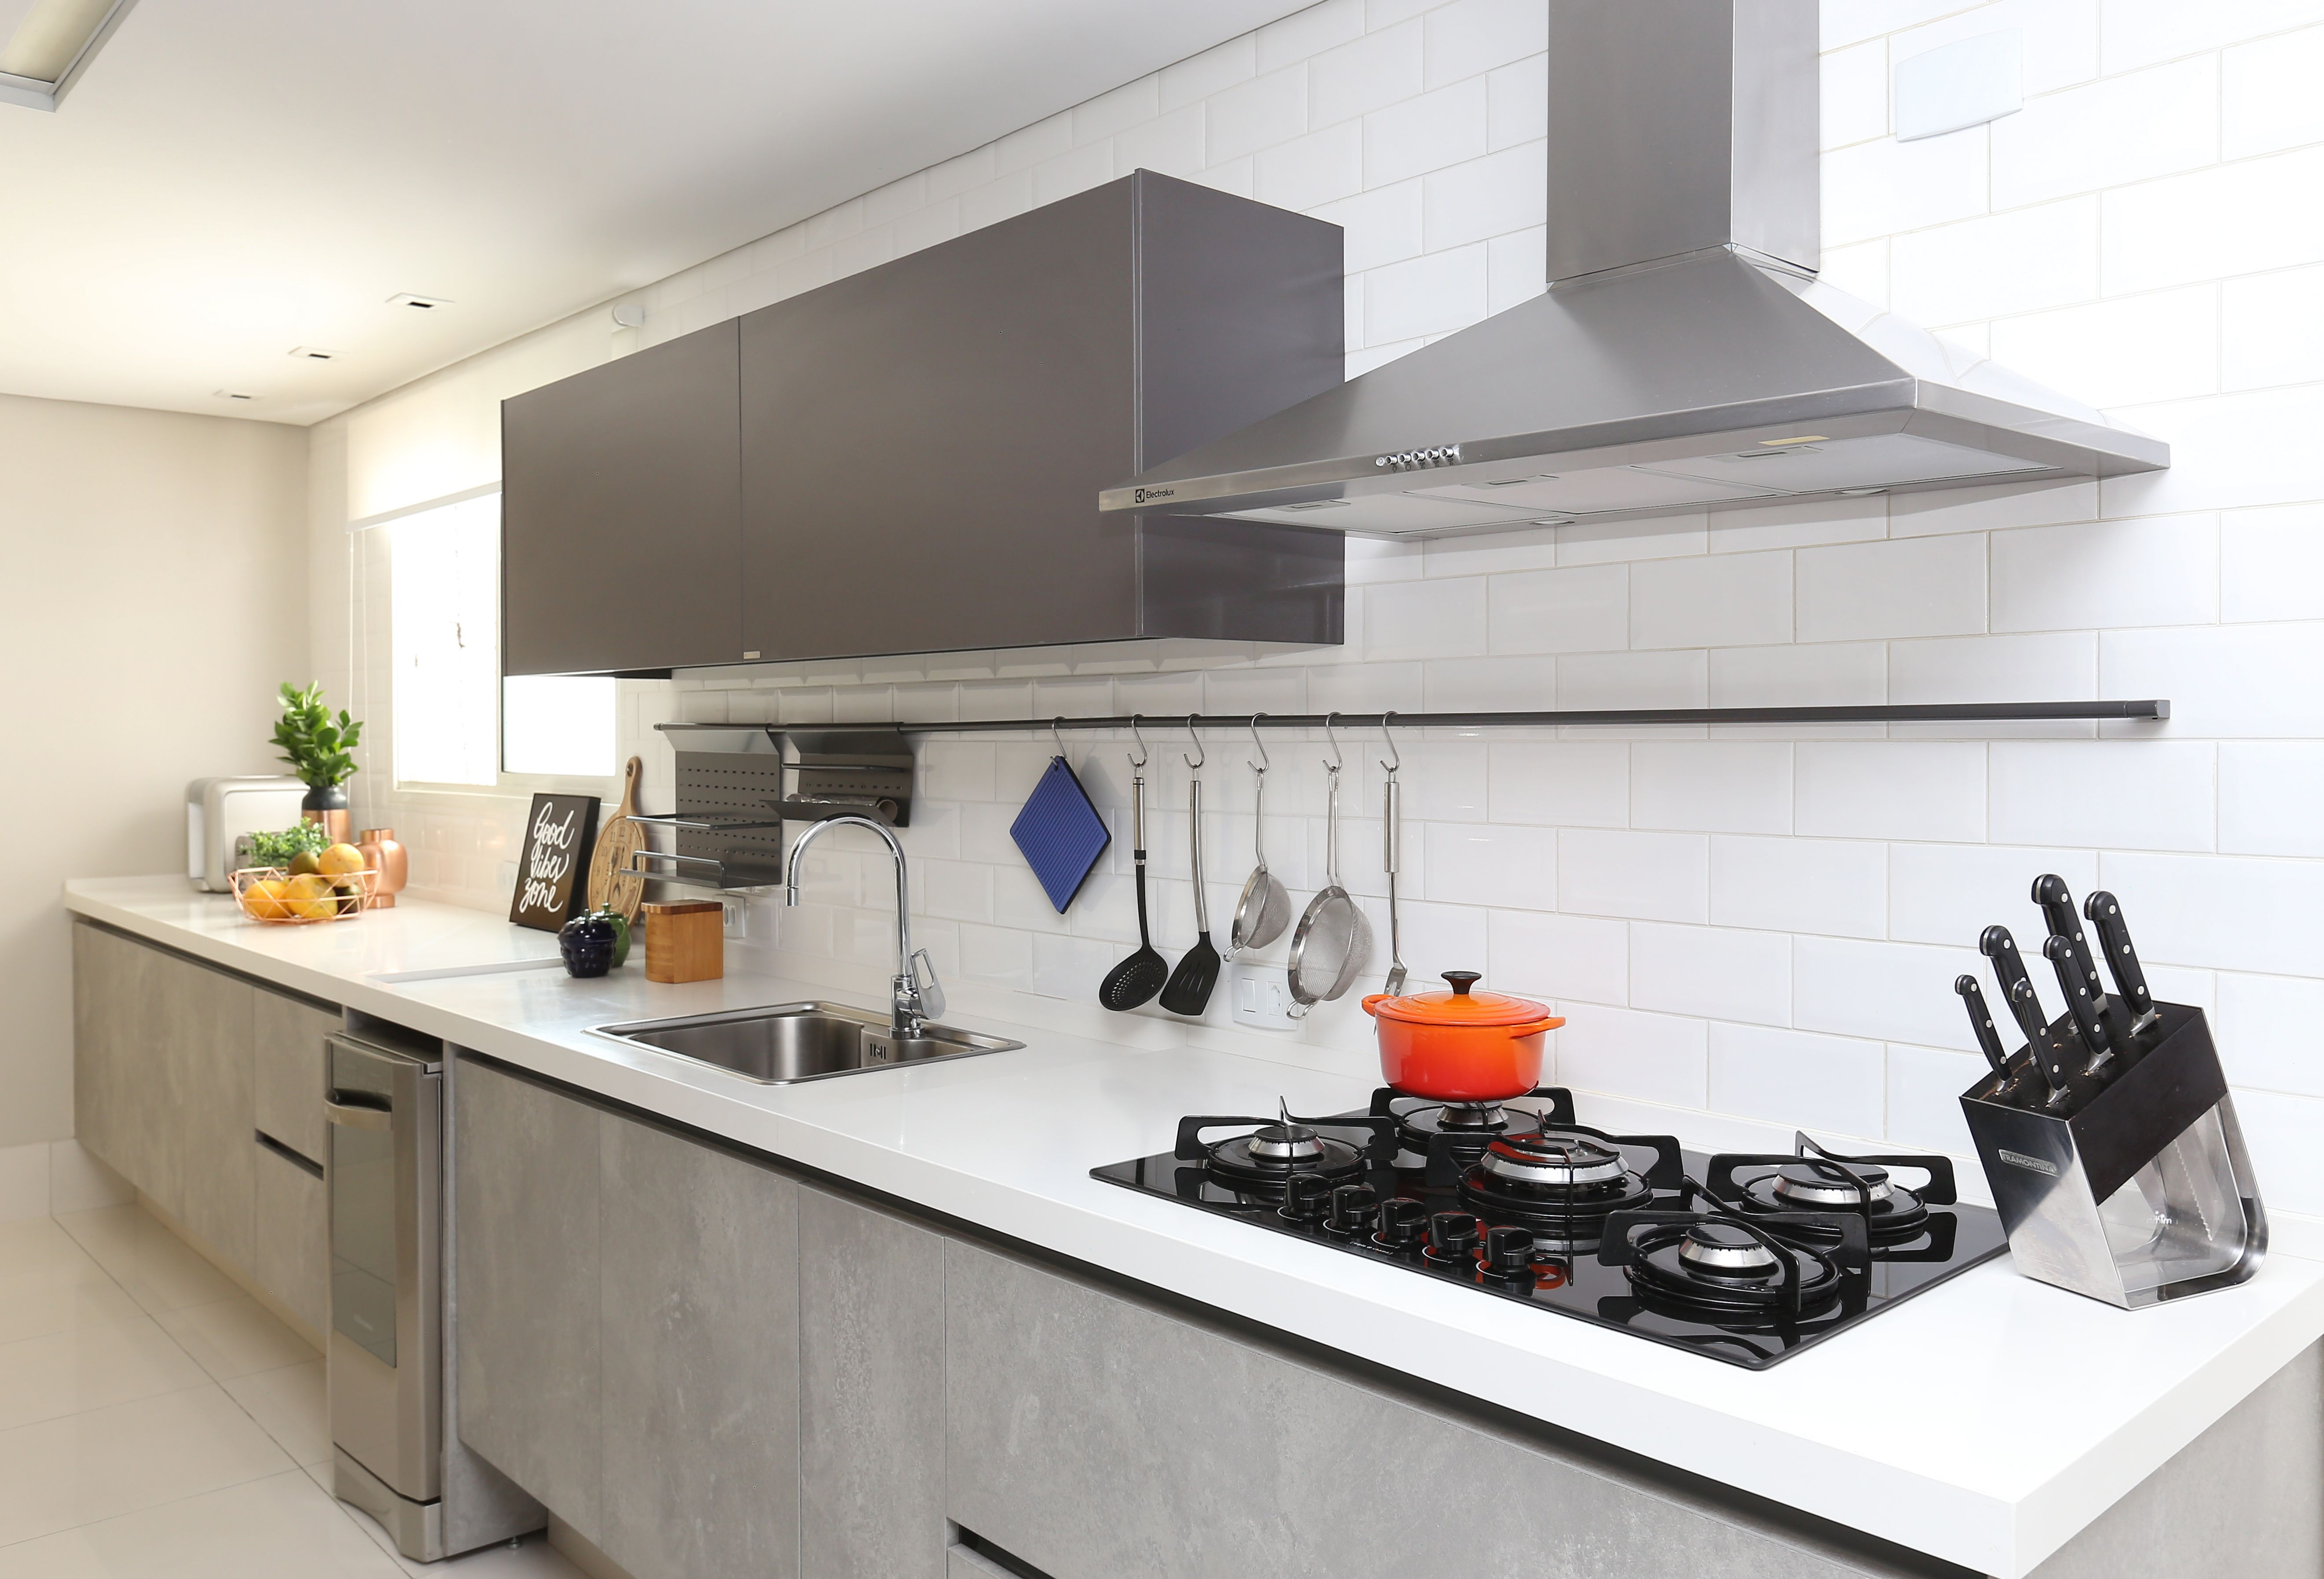 Cozinha Americana Projetada Amazing Na Cozinha As Bancadas De